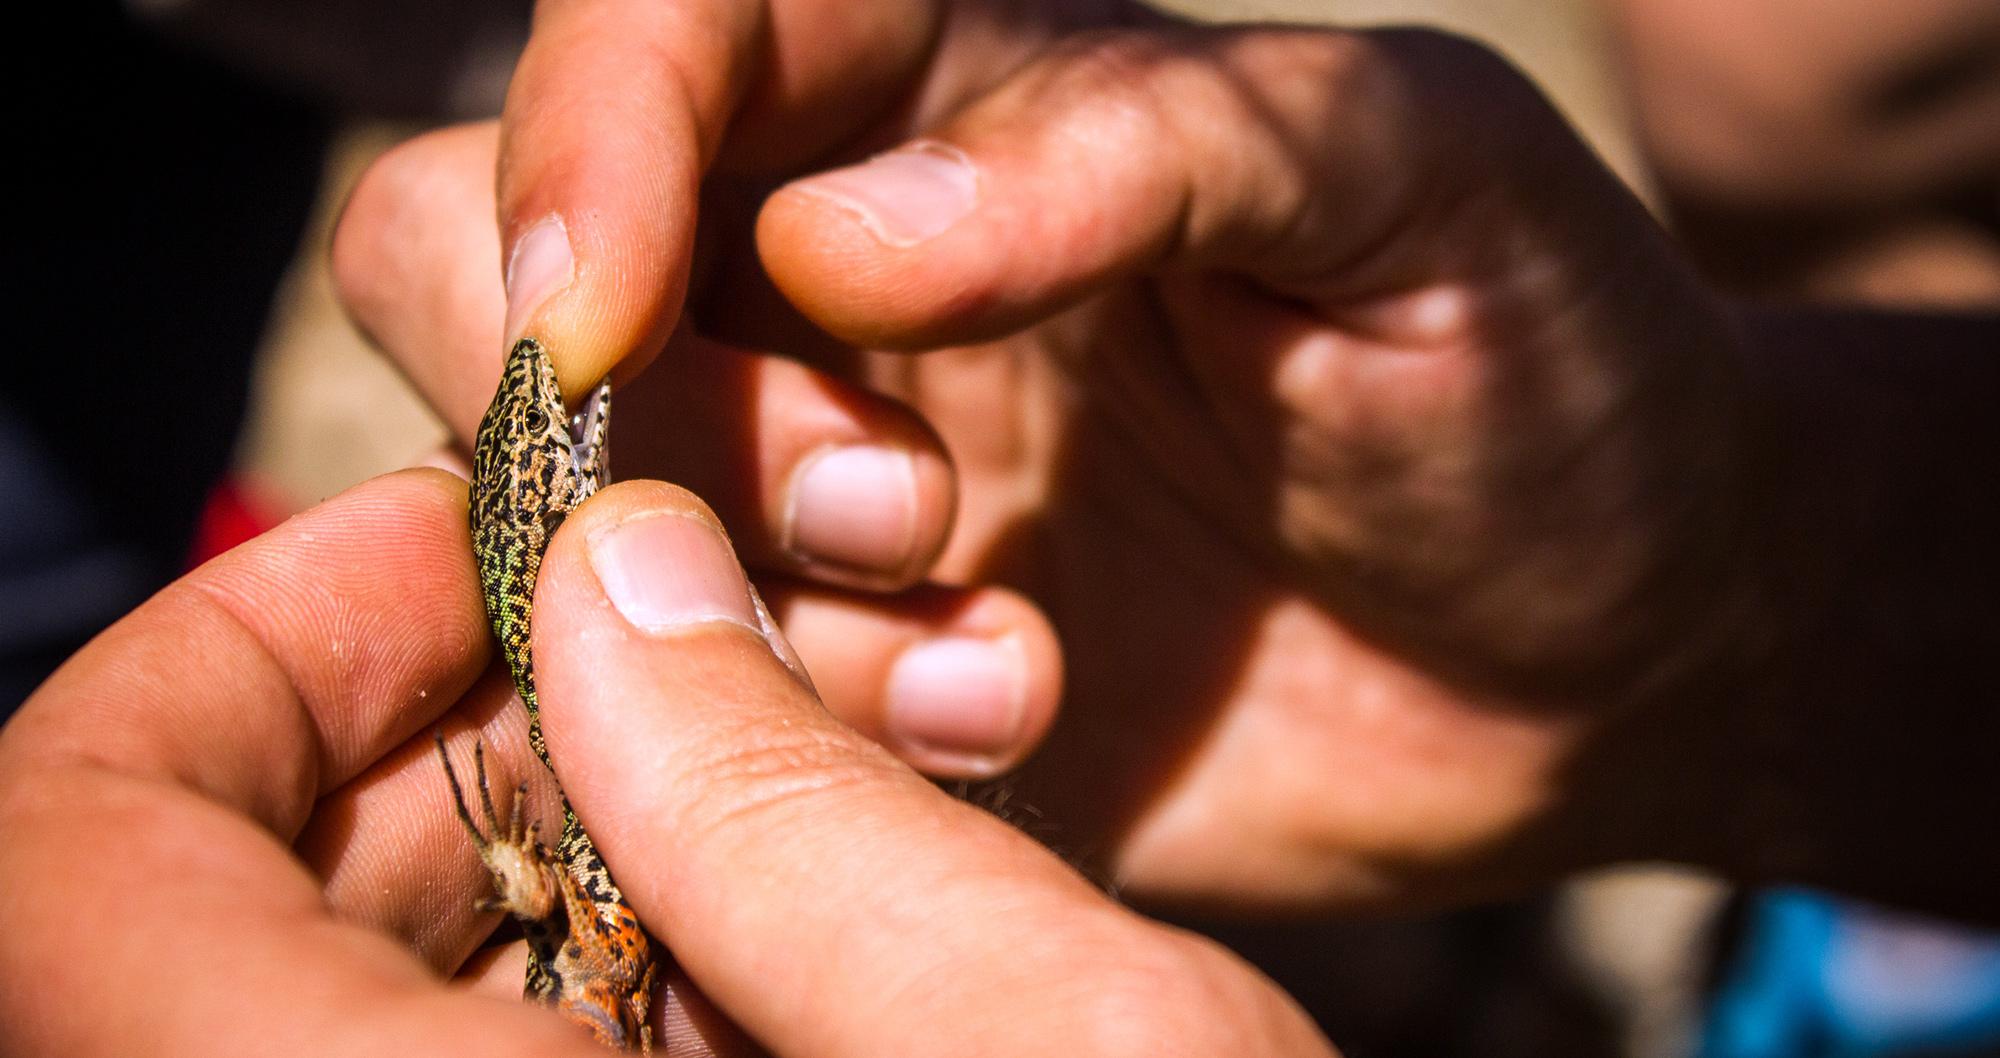 Bioblitz: à descoberta da biodiversidade da Ebio do Merujal